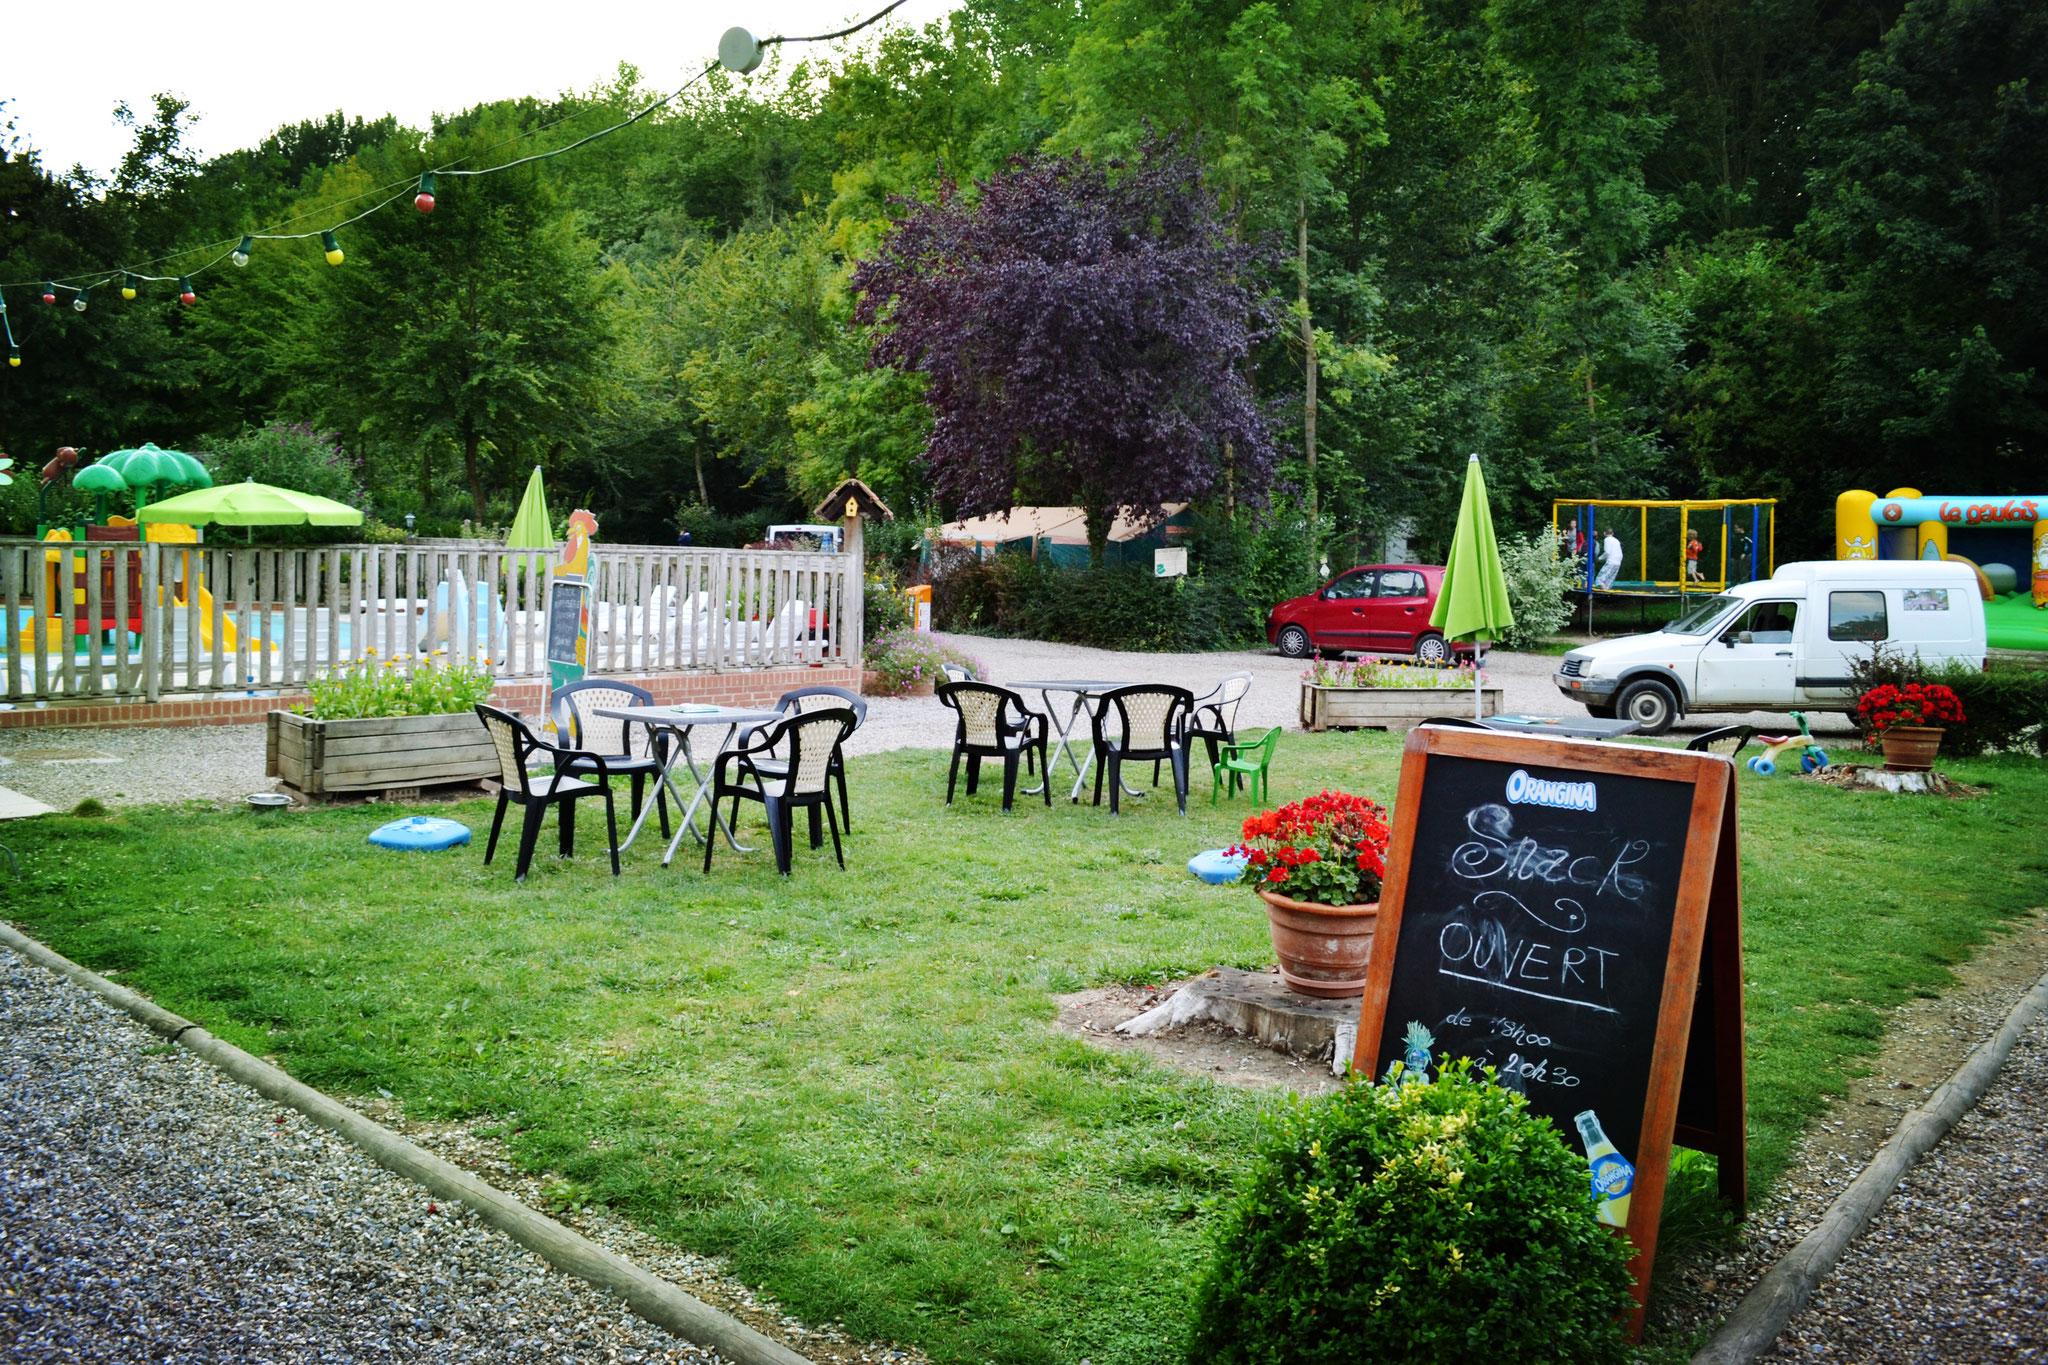 Réserver un séjour insolite dans le camping avec bar